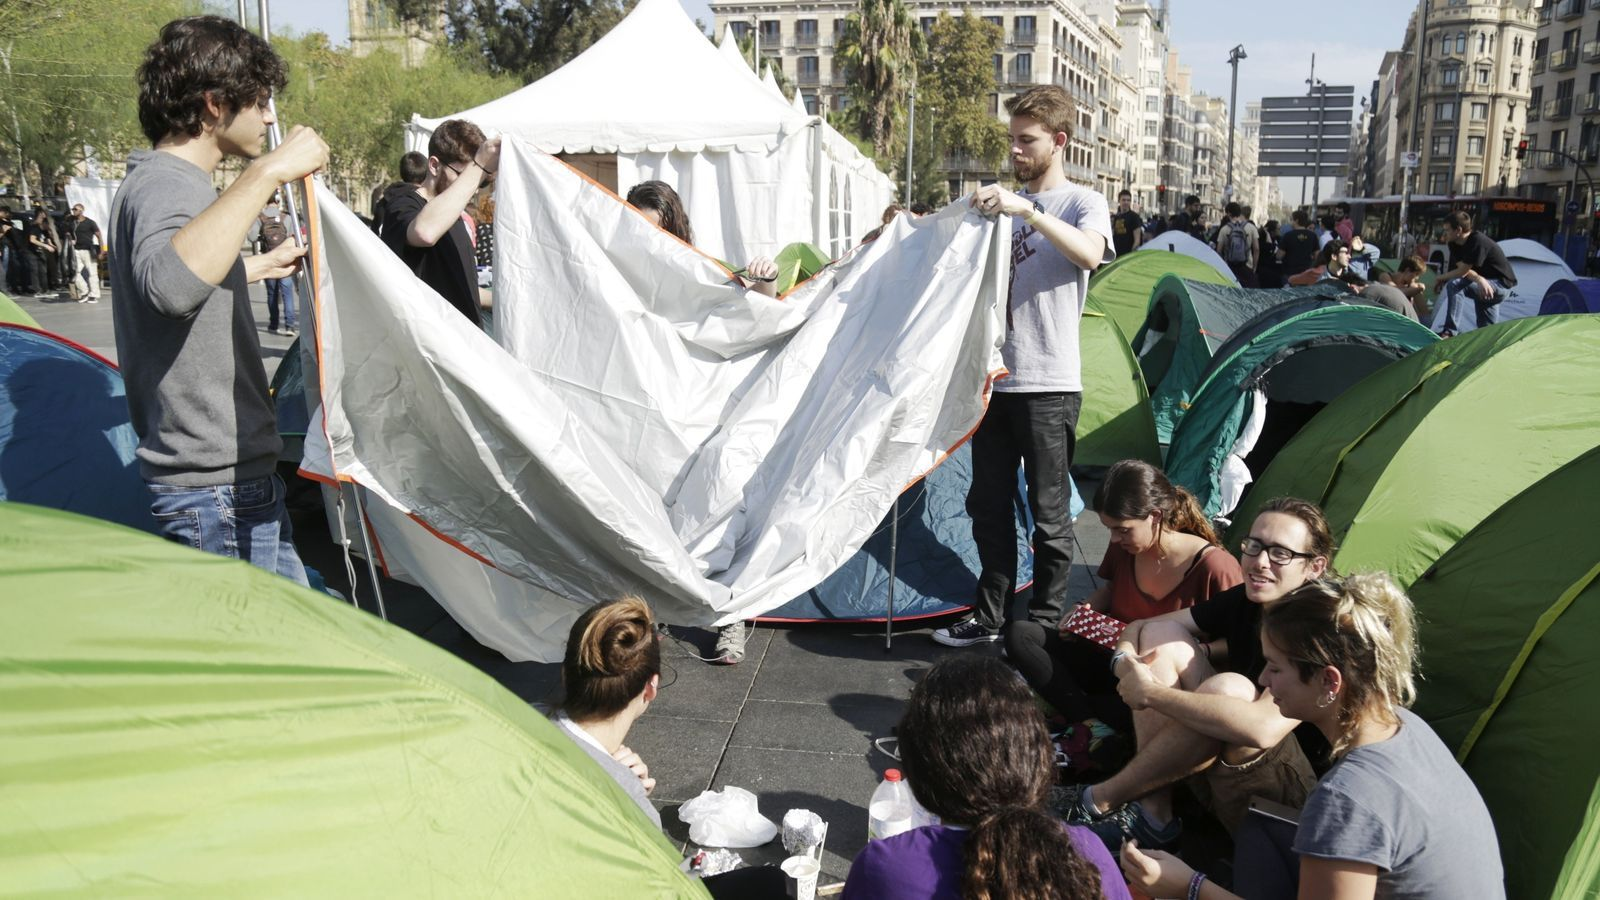 Les organitzacions juvenils abandonen l'acampada per sumar-se a les properes mobilitzacions